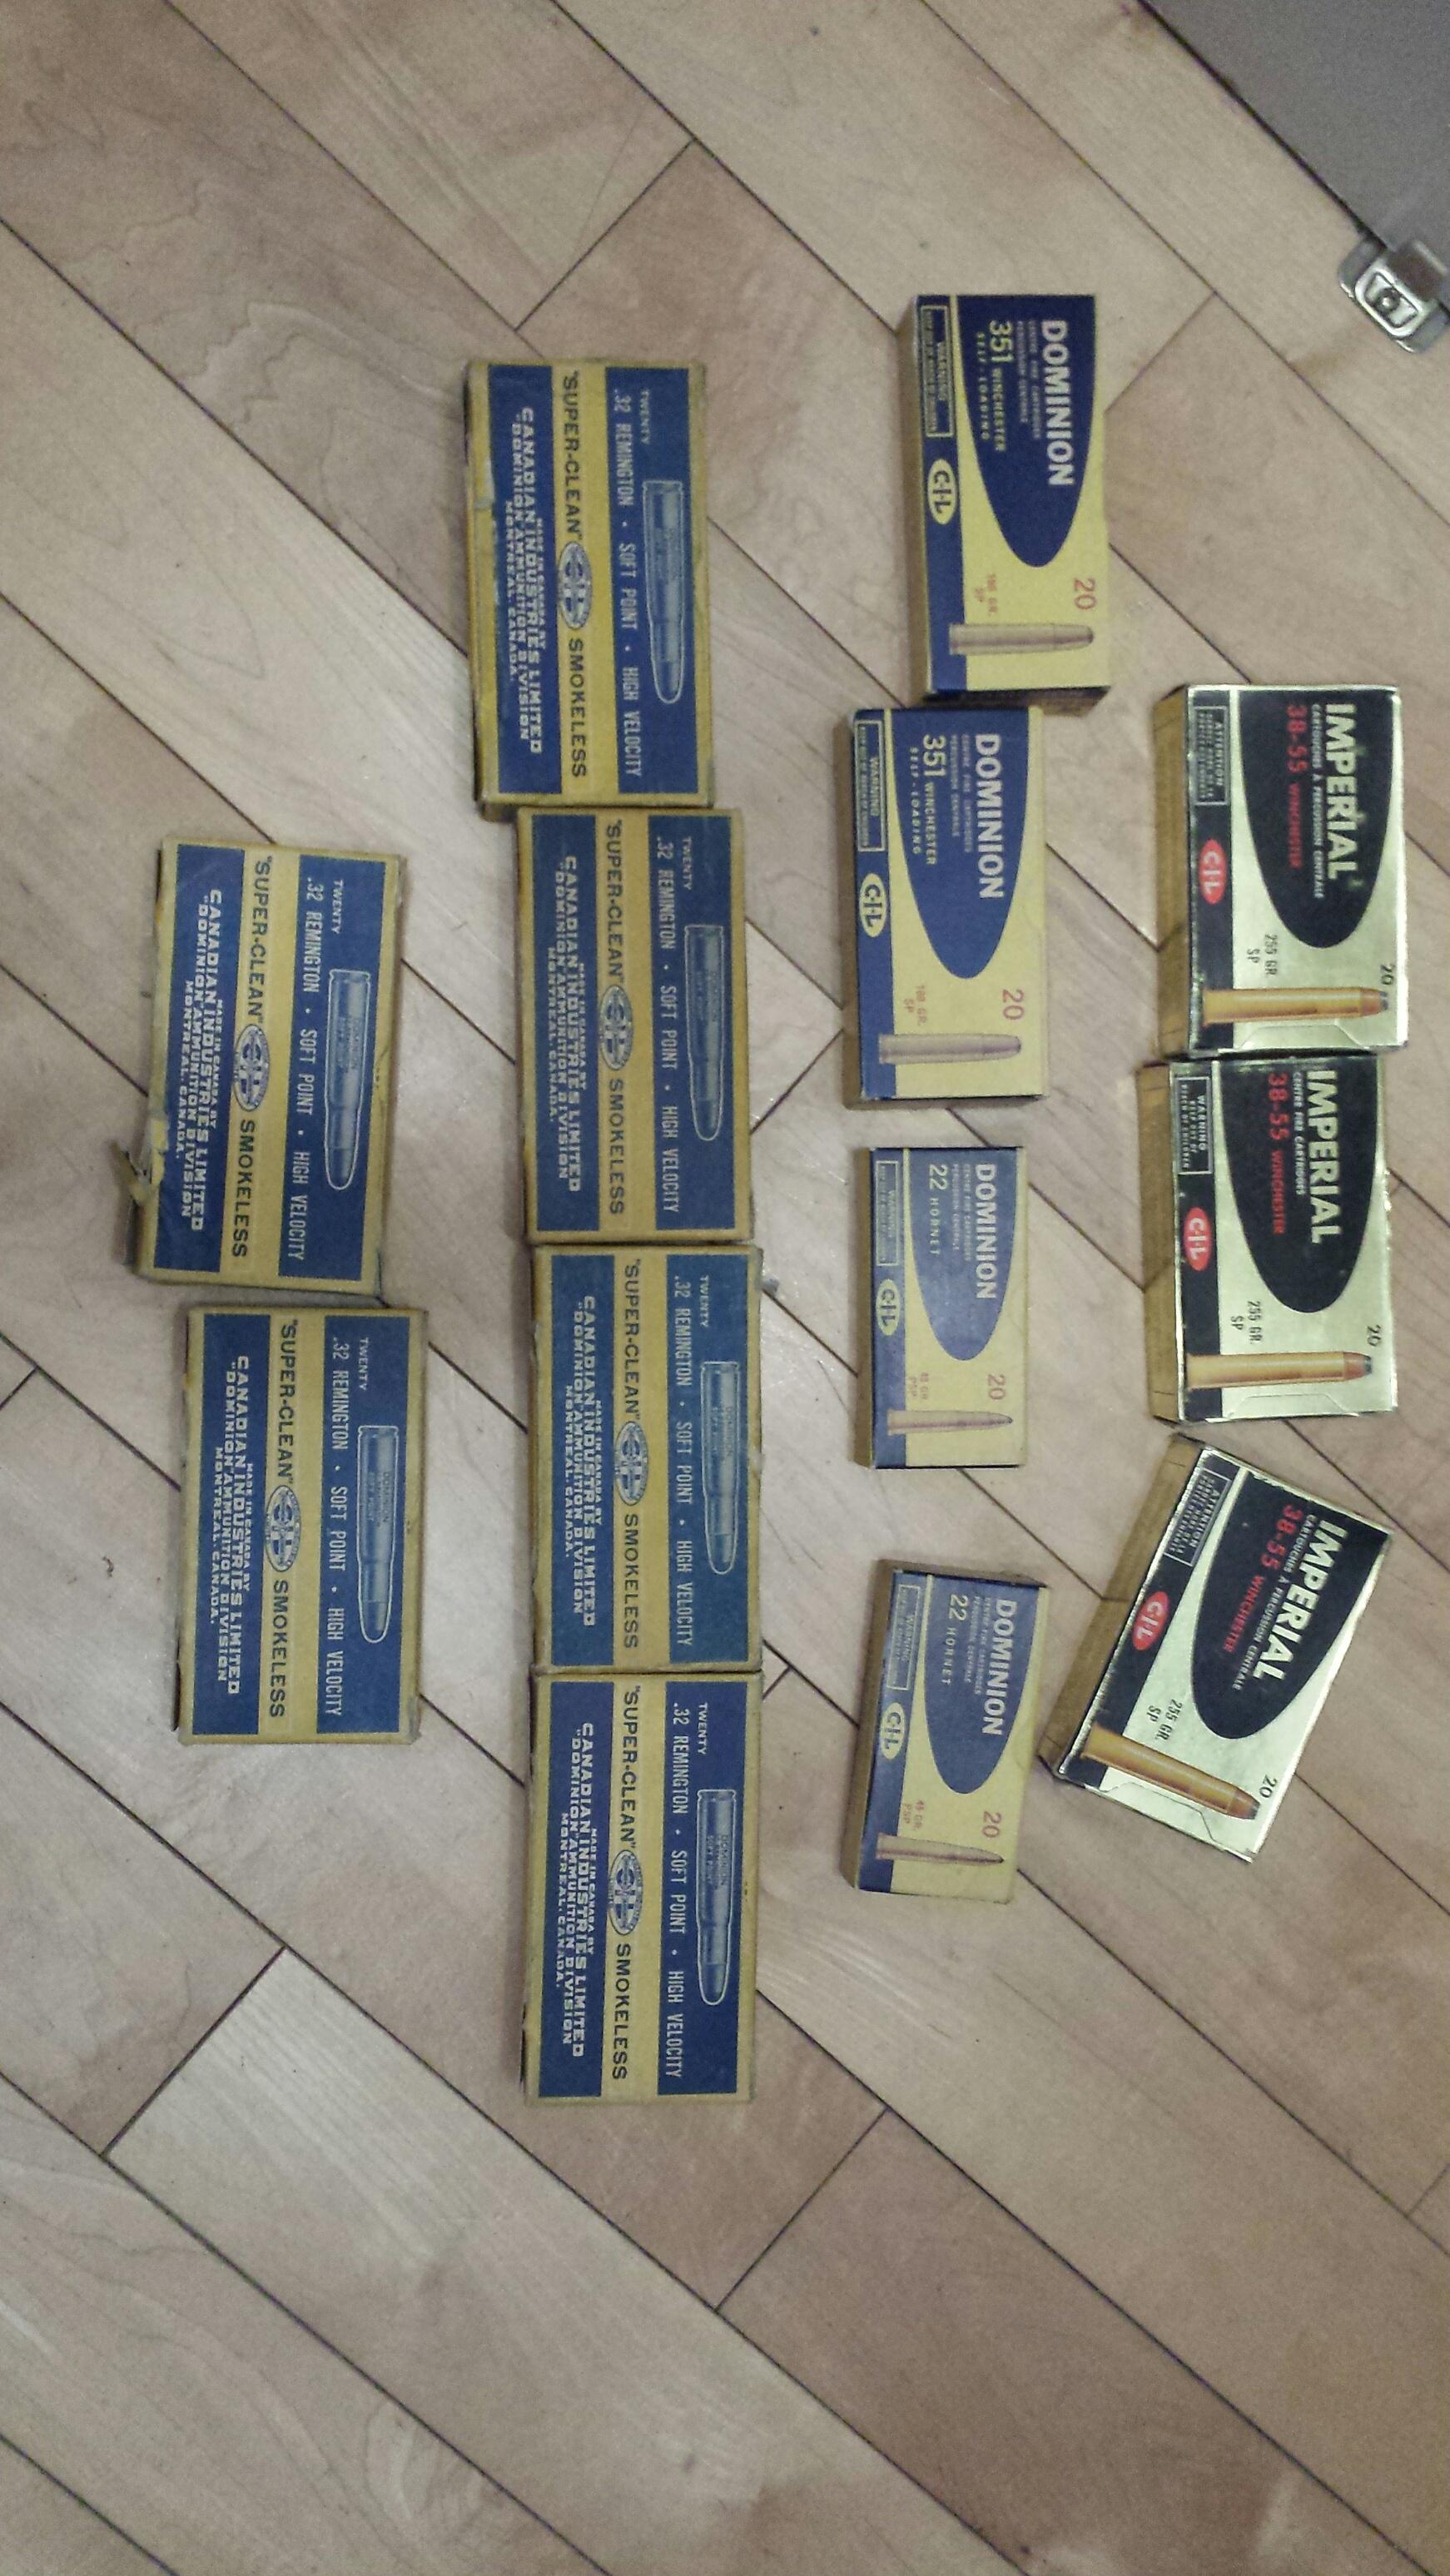 Trouvé une centaine de boites vintages de balles 20190115-203842-resized